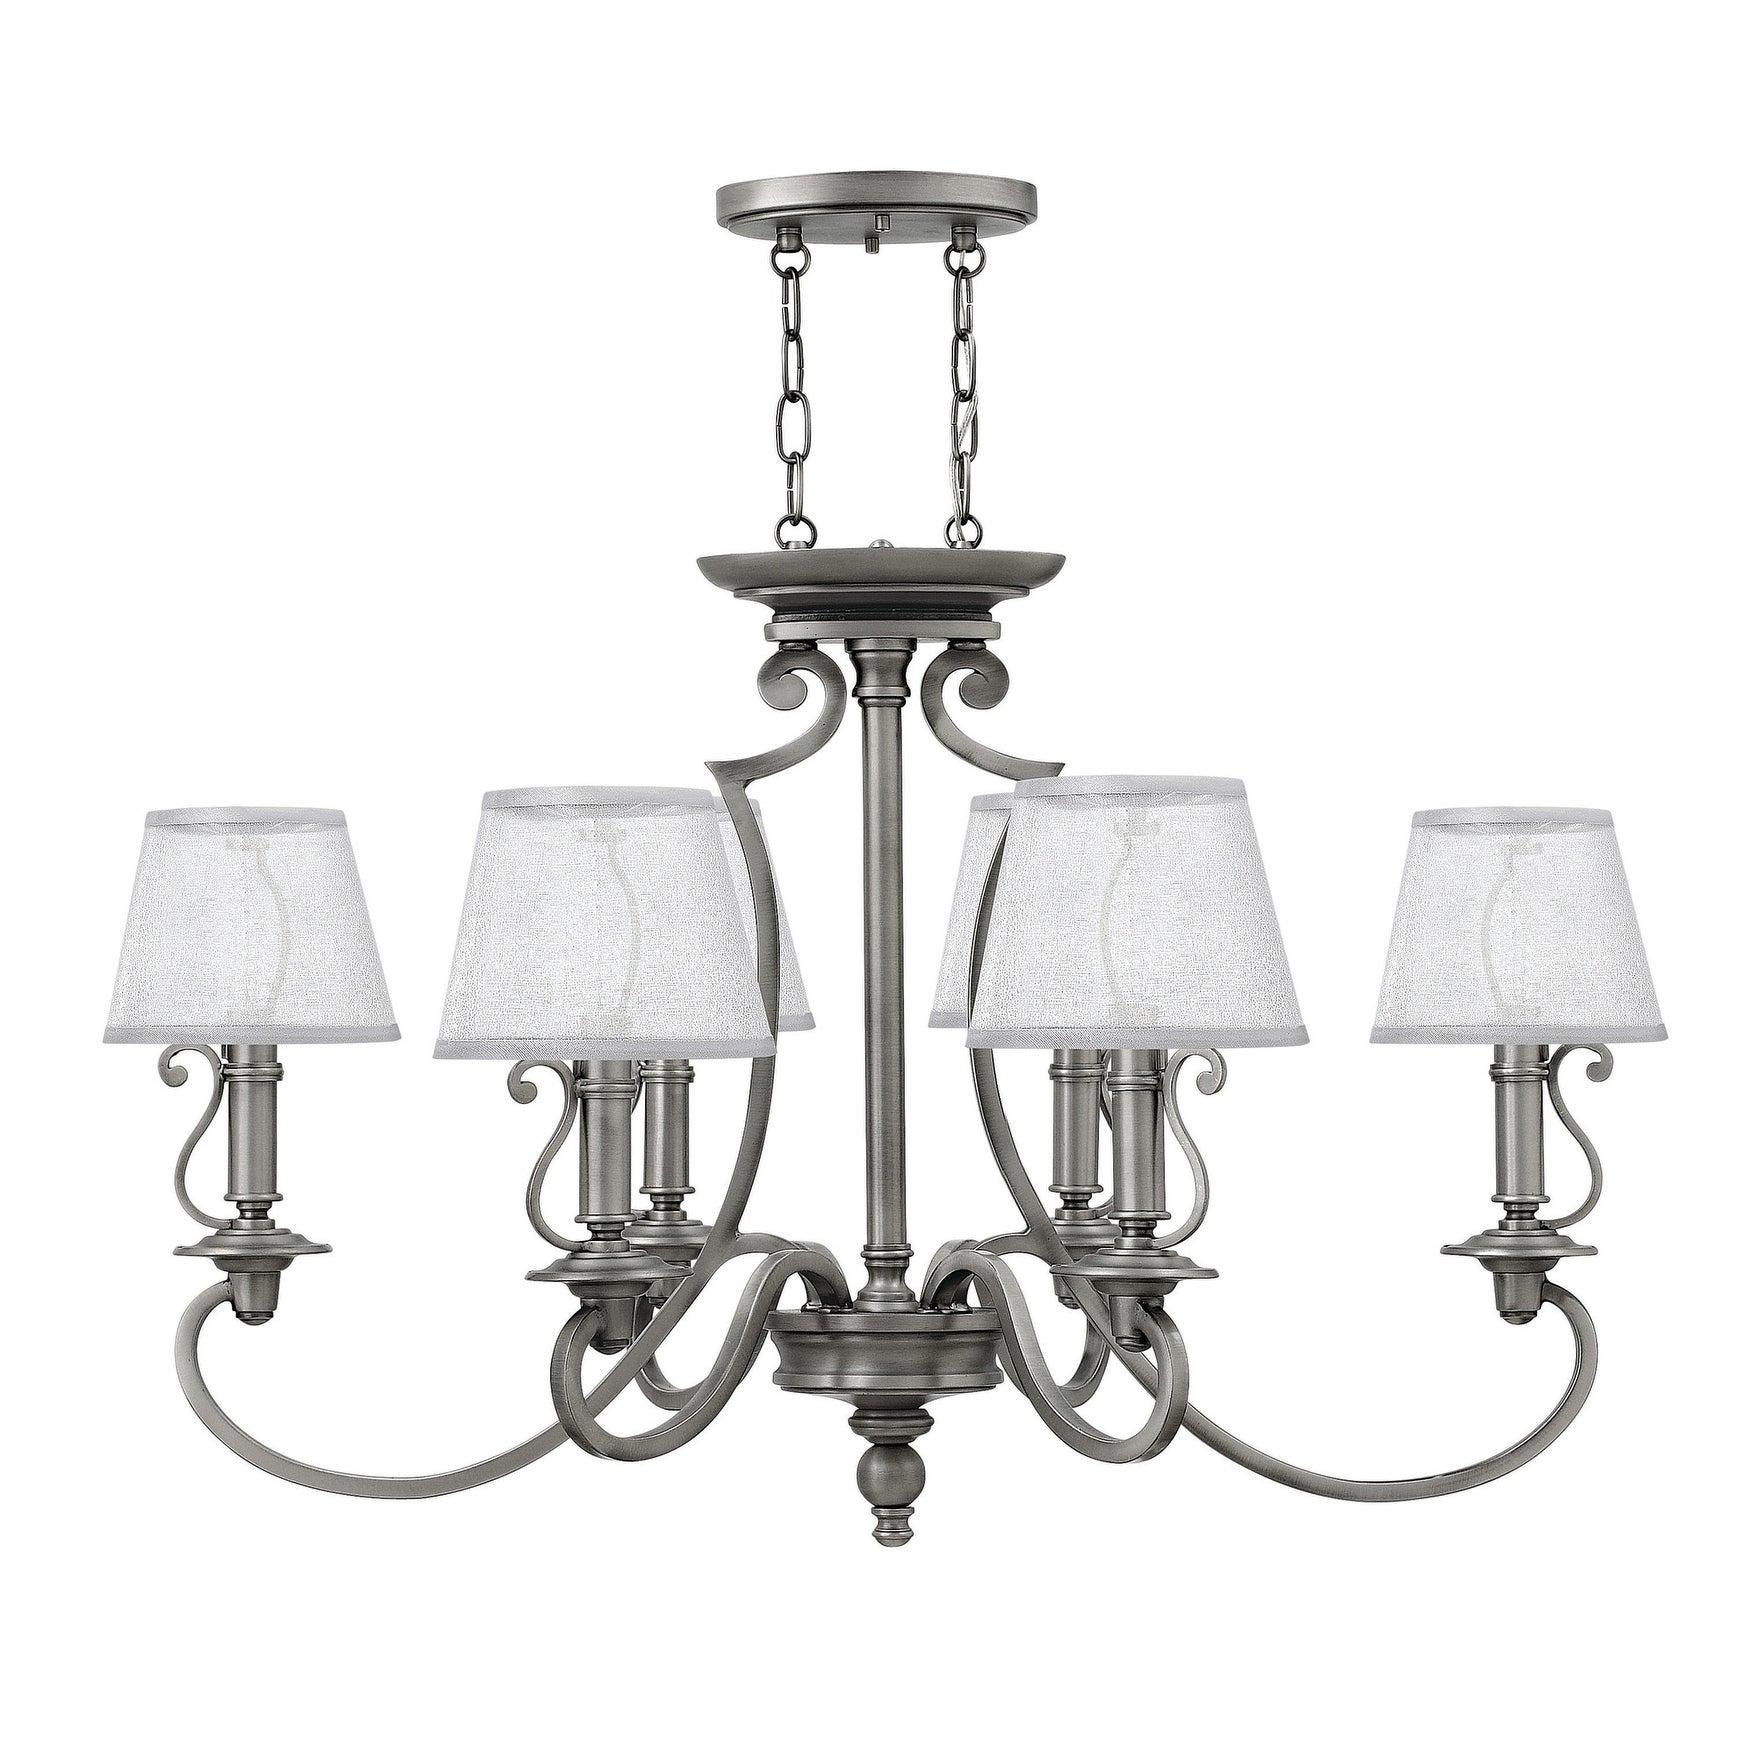 Hinkley Lighting 4245 6 Light 34